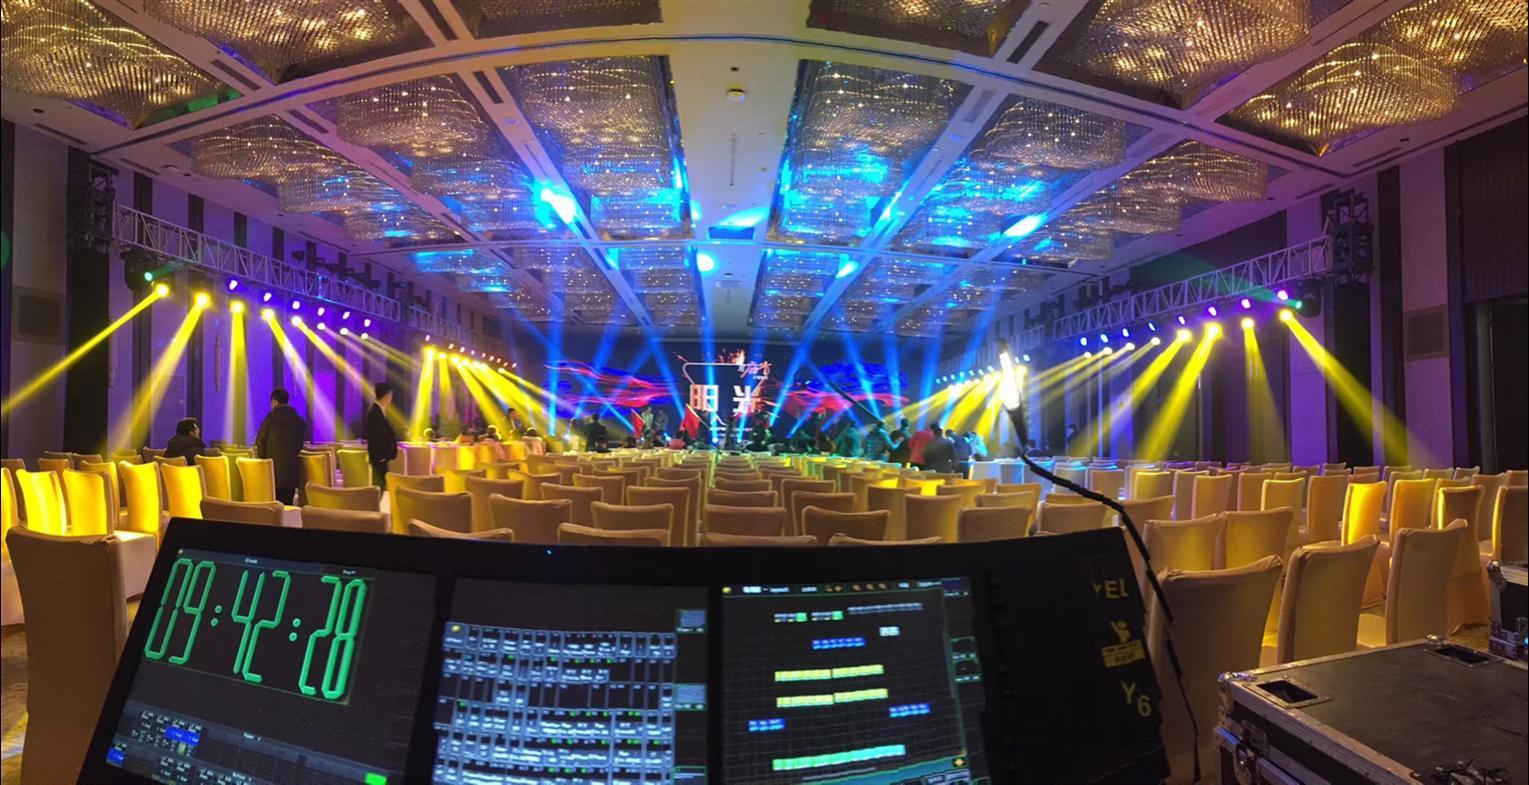 舞厅灯光系列-舞厅灯光系列价格、图片、排行 - 阿里巴巴